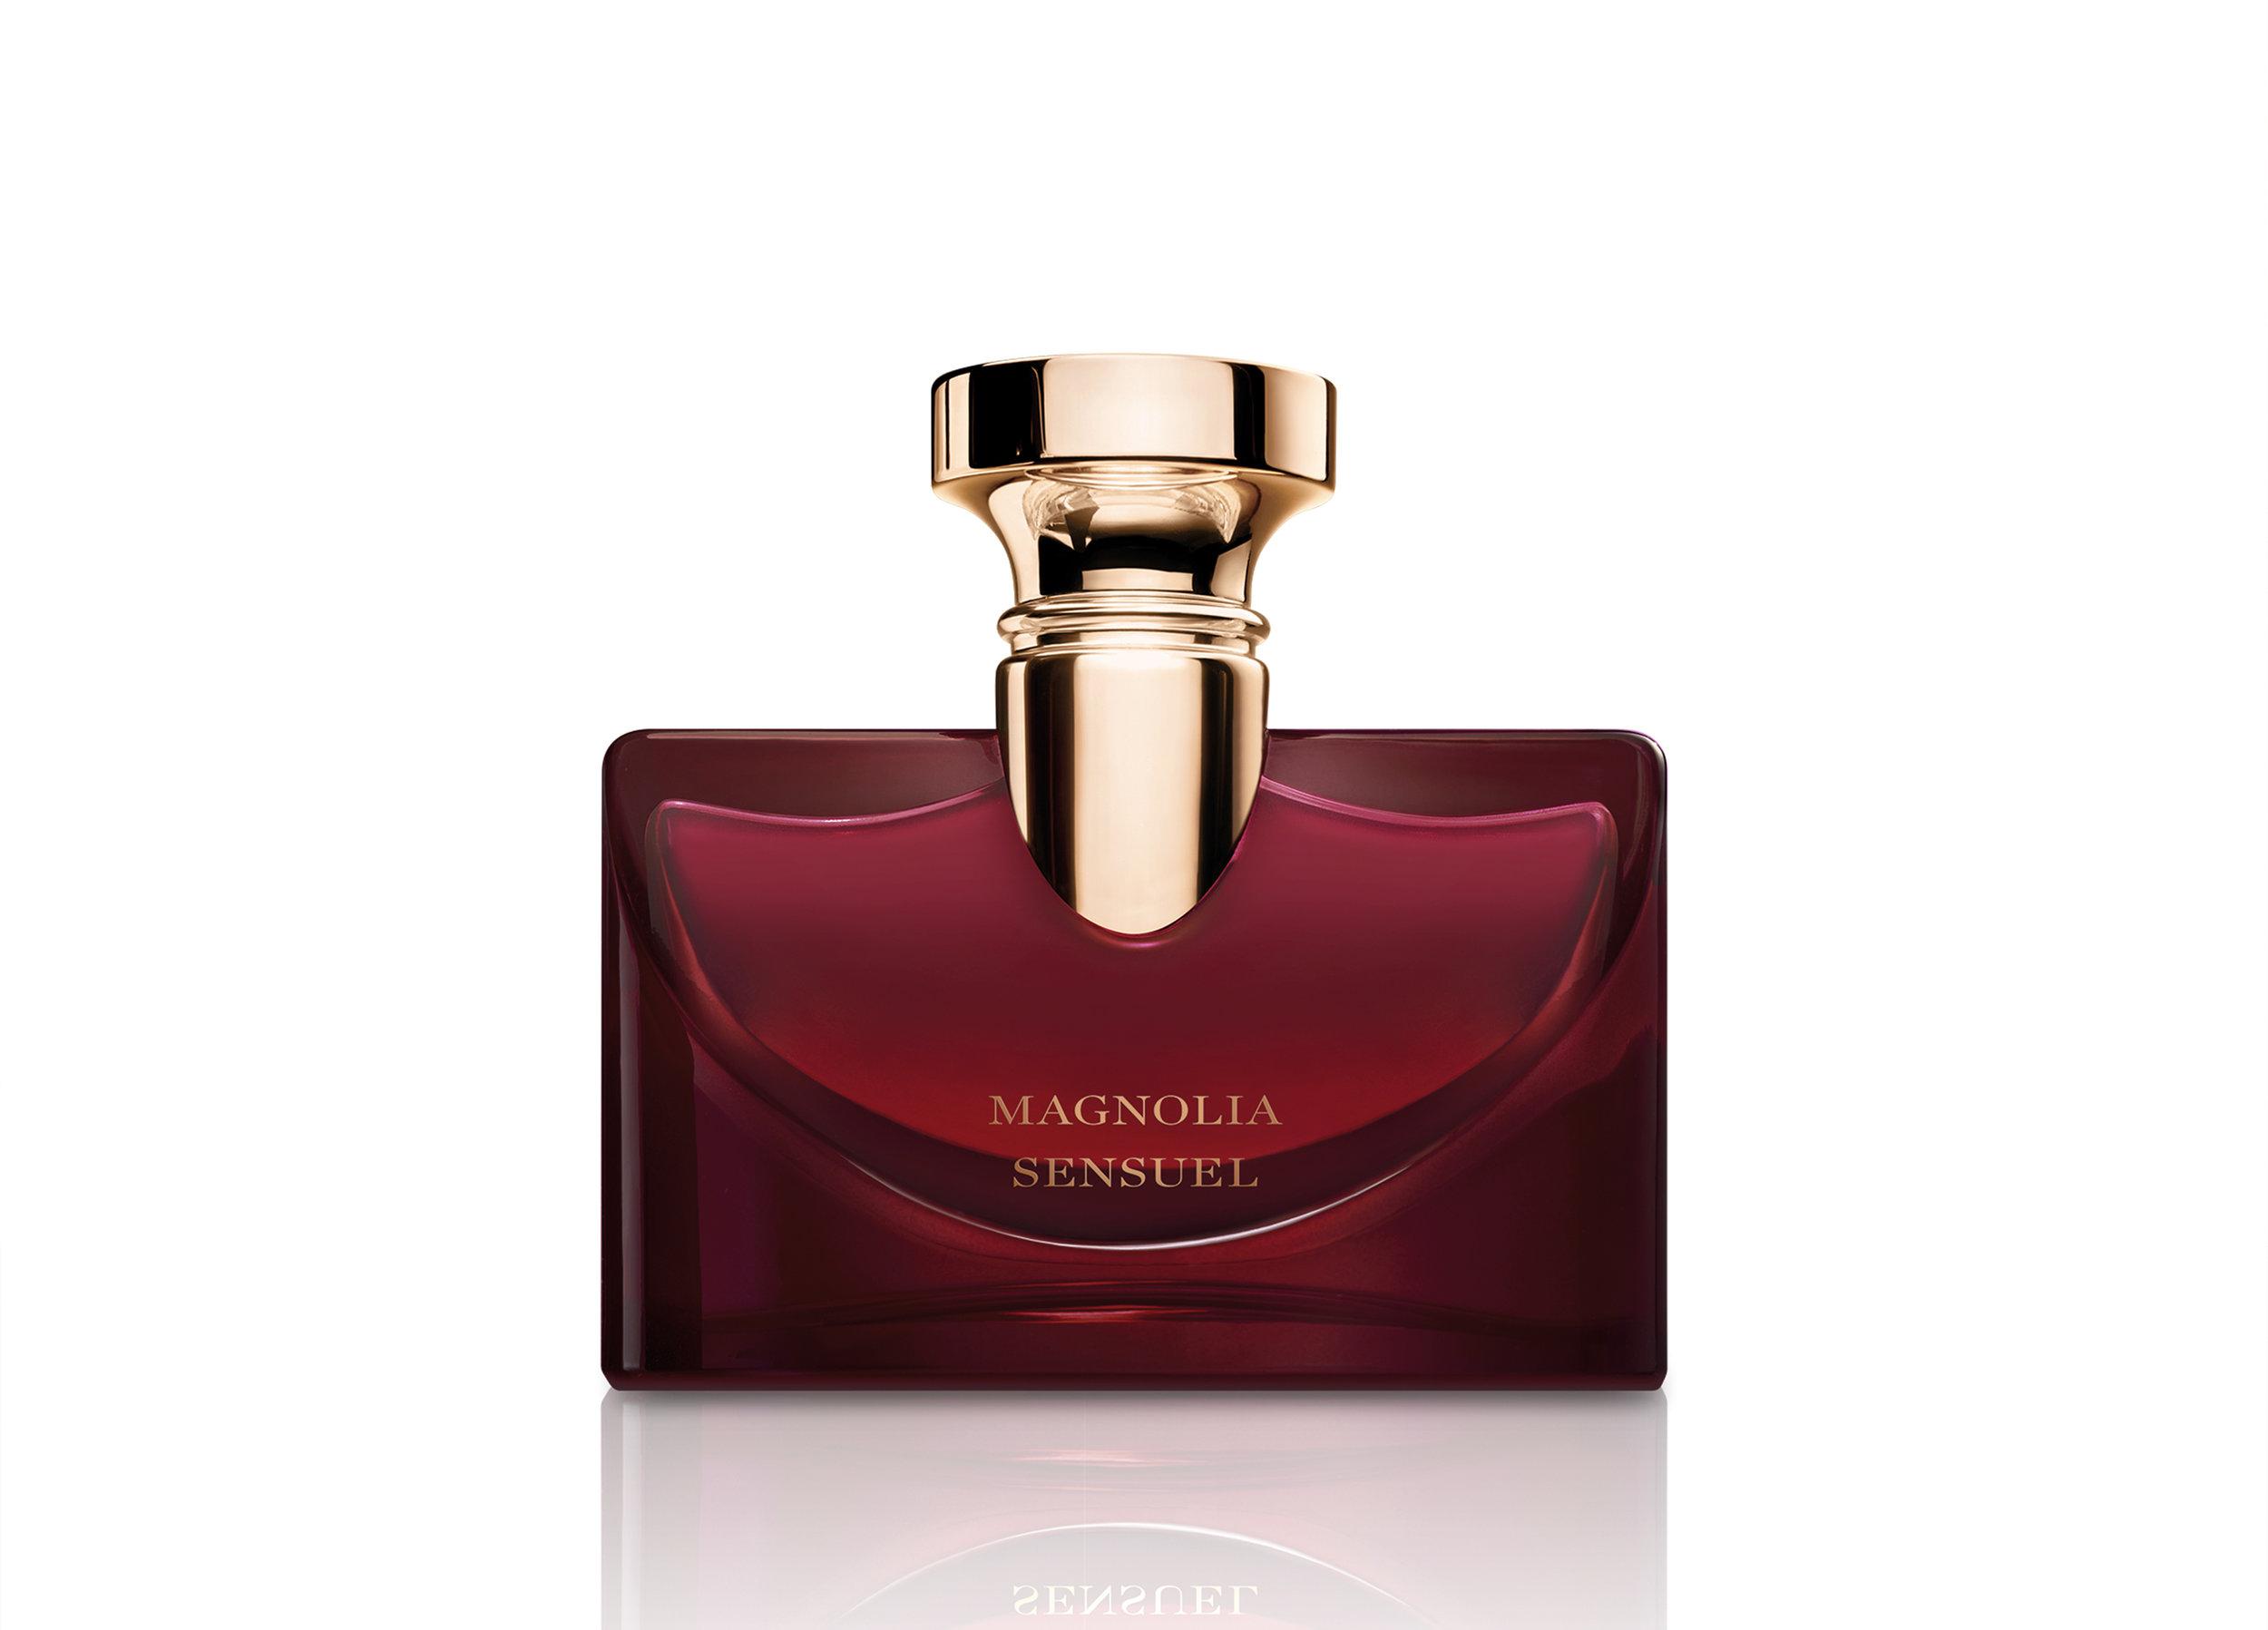 magnolia sensuel packshot.jpg